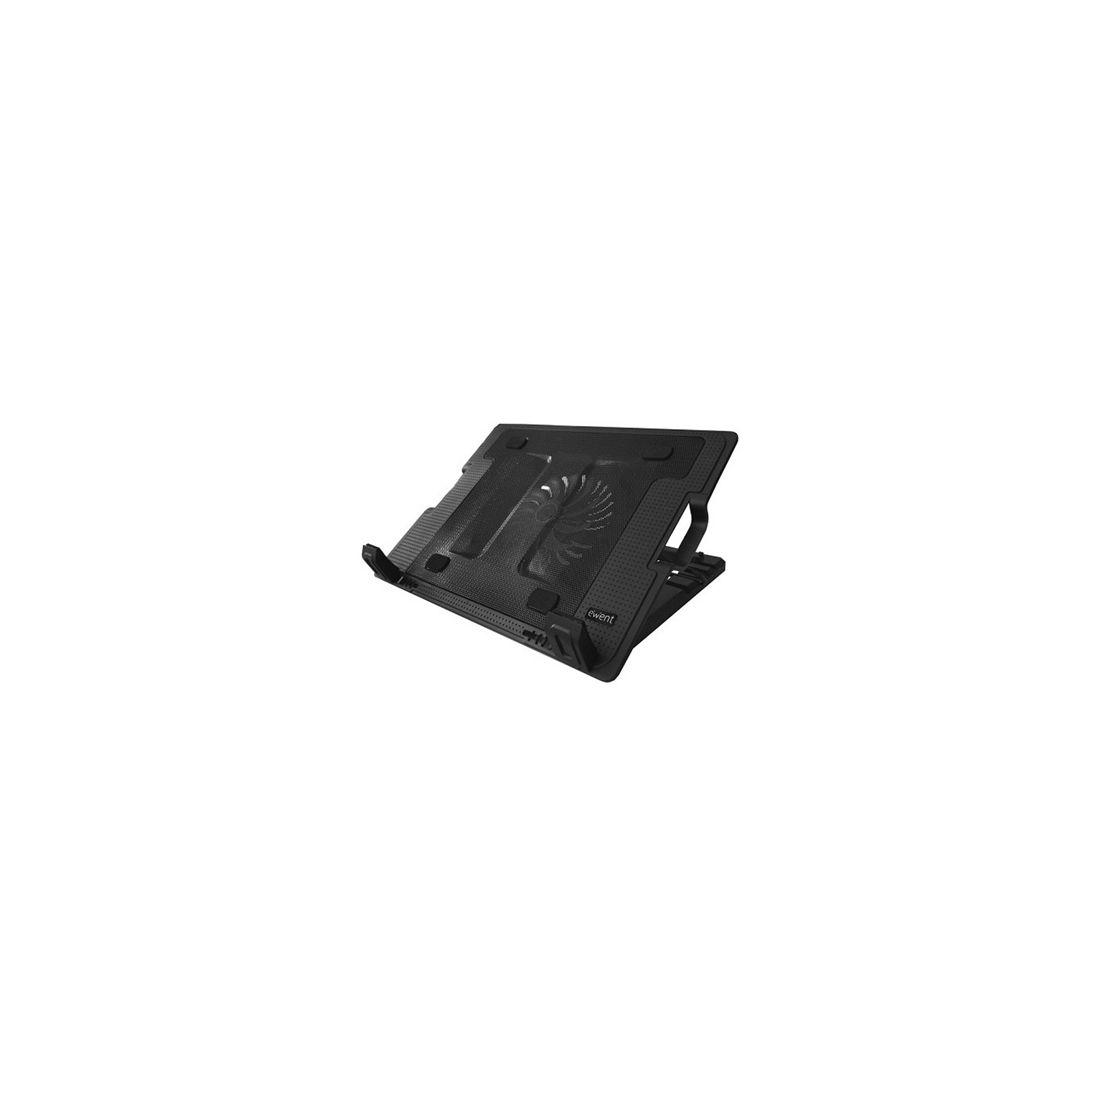 EWENT EW1258 Soporte Ventilador Portatil 172 USB